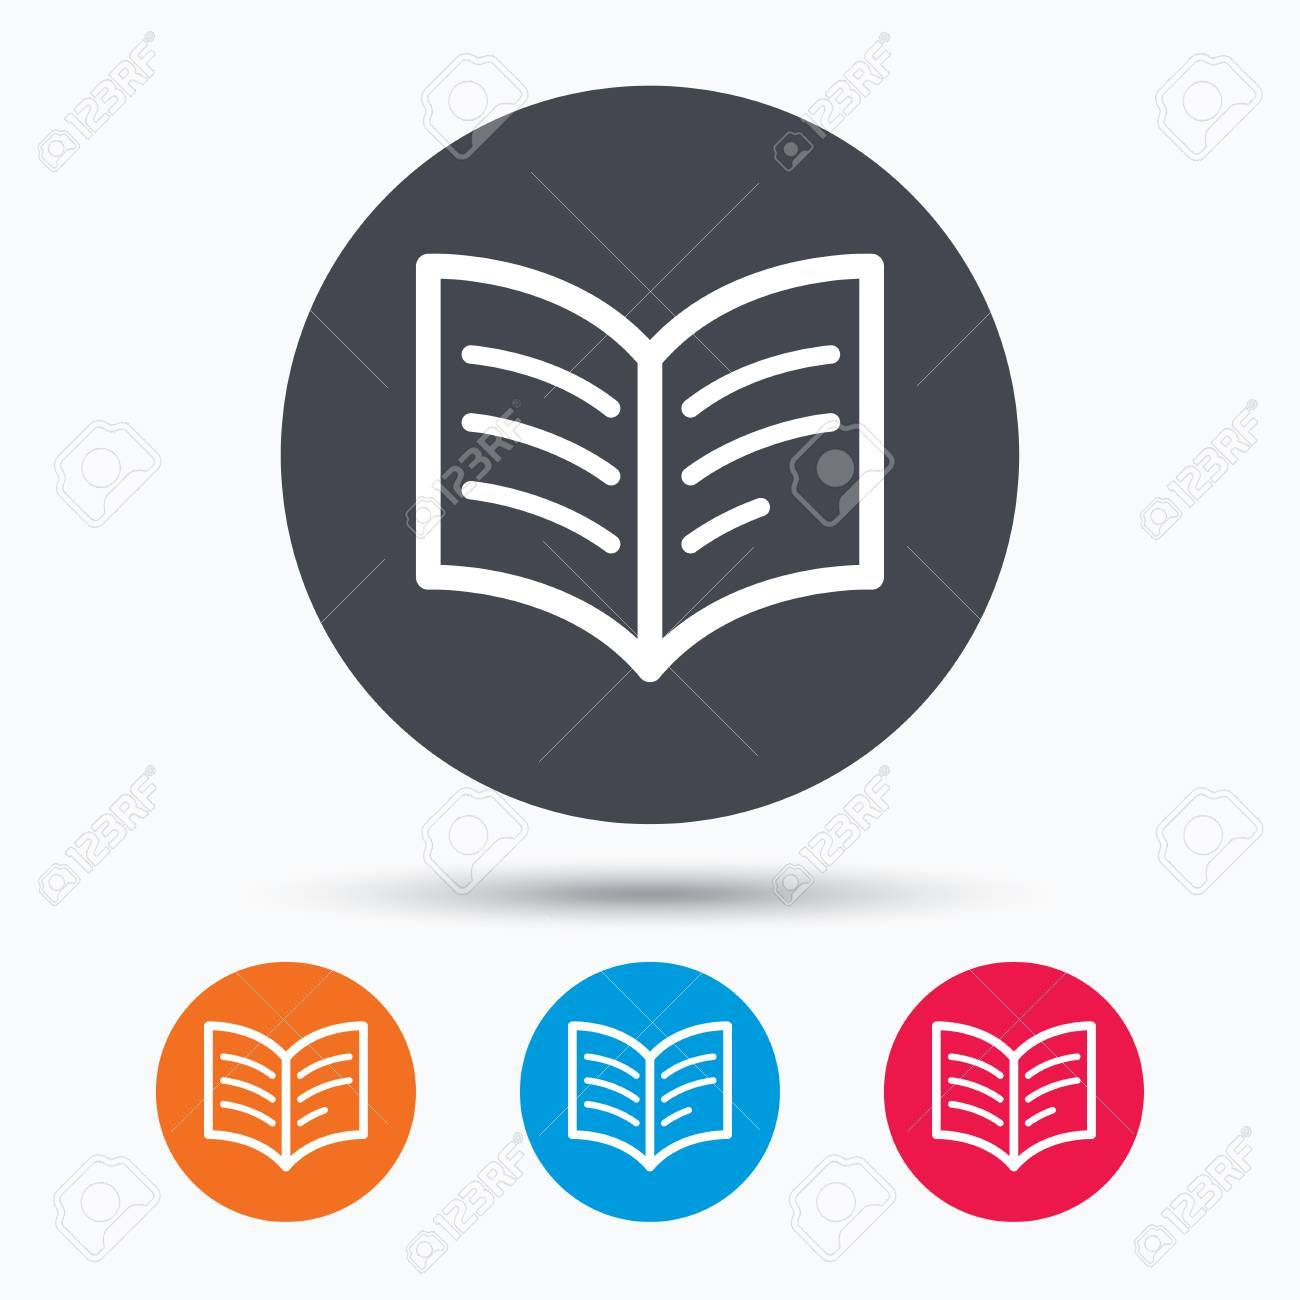 Icone Du Livre Etude Signe De La Litterature Education Symbole De Manuel De Couleur Boutons De Cercle Avec Plat Icone Web Vecteur